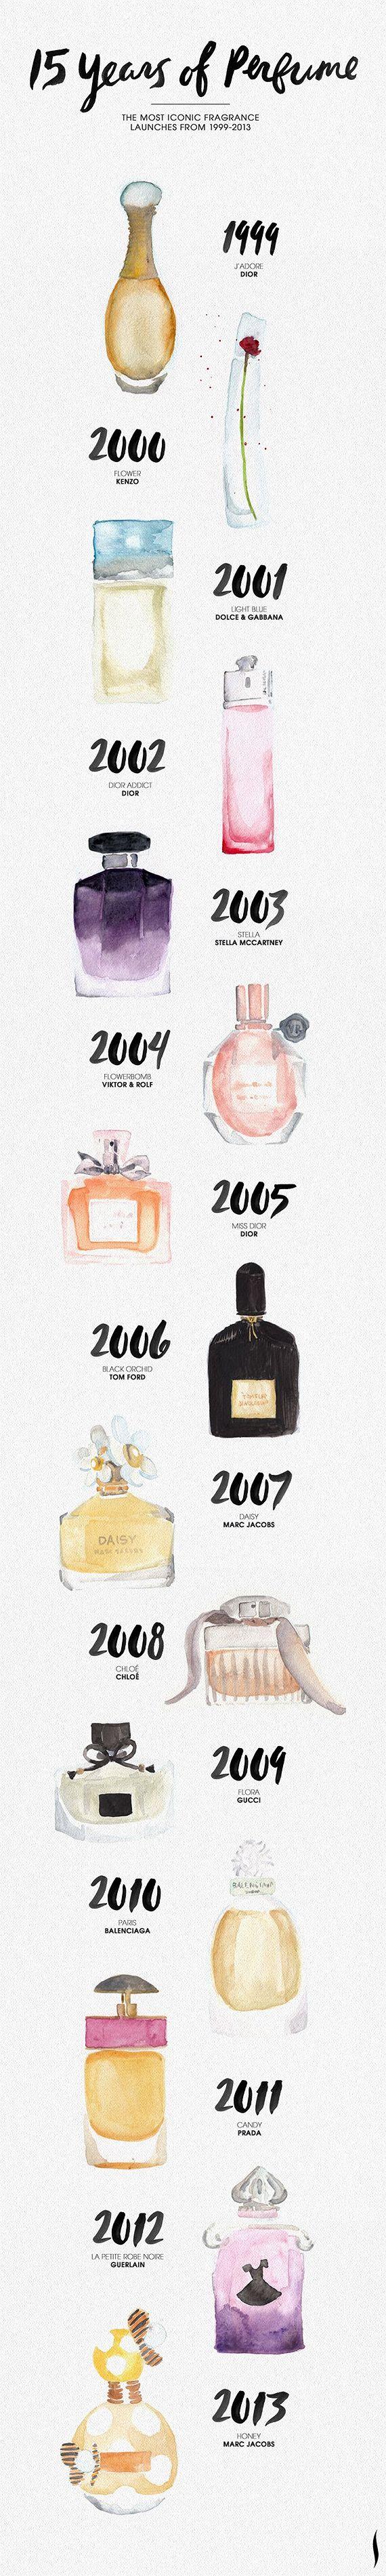 15 anos de perfume   perfumes mais icônicos de 1999 até 2013   Sephora